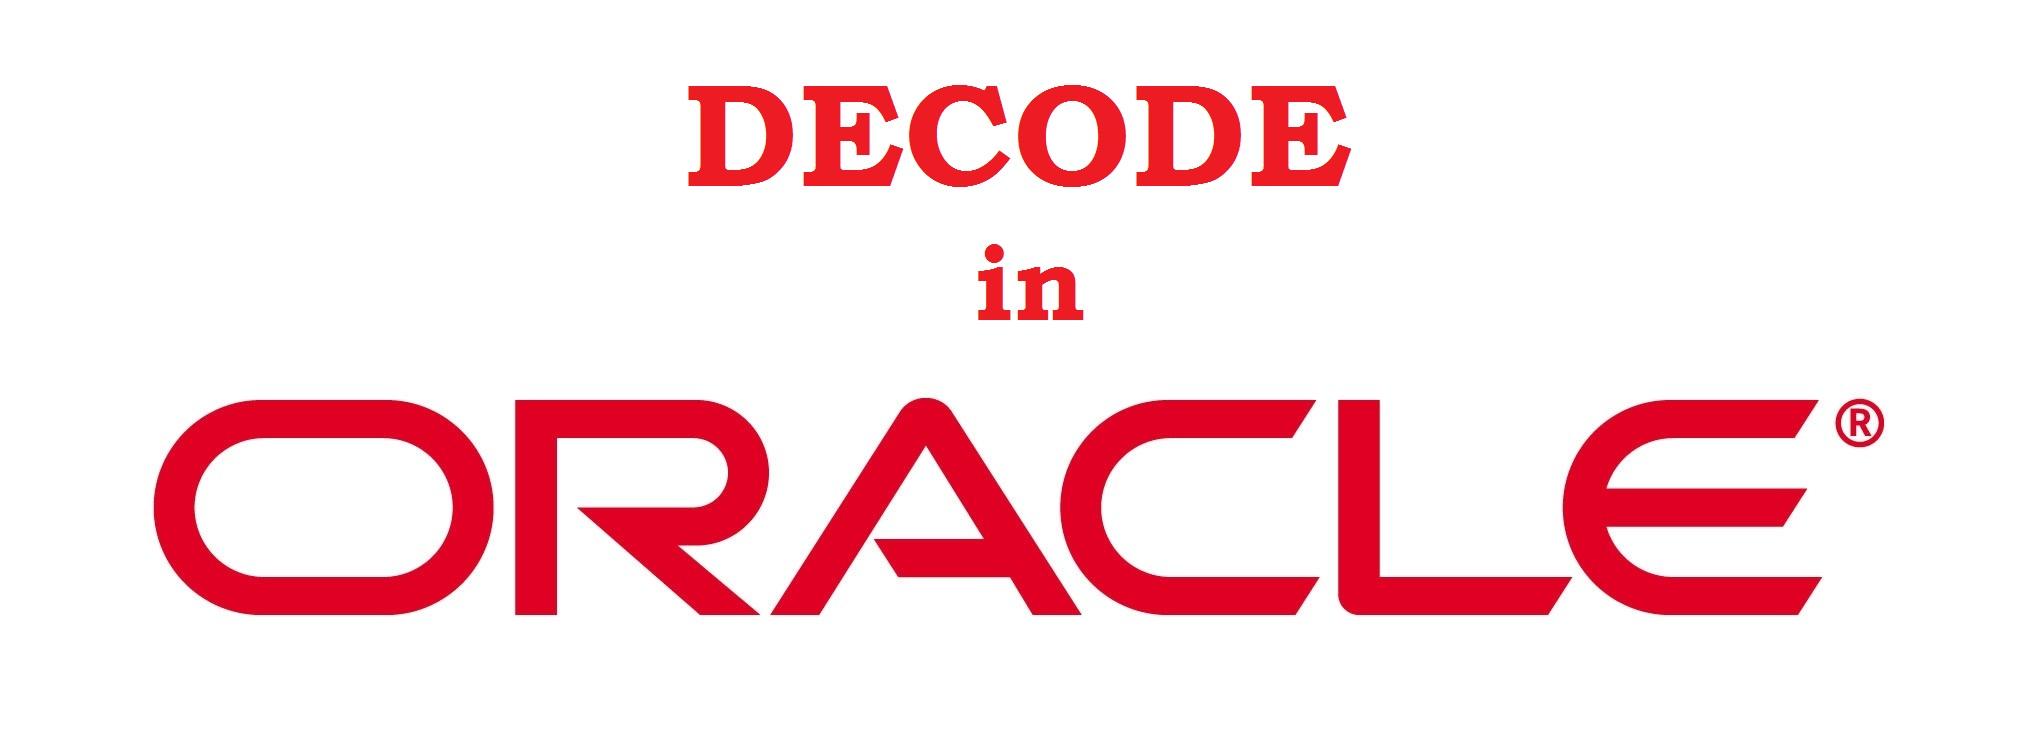 Oracle DECODE Fonksiyonu ve Sağladığı Kolaylıklar, Switch-Case 'den Farkı